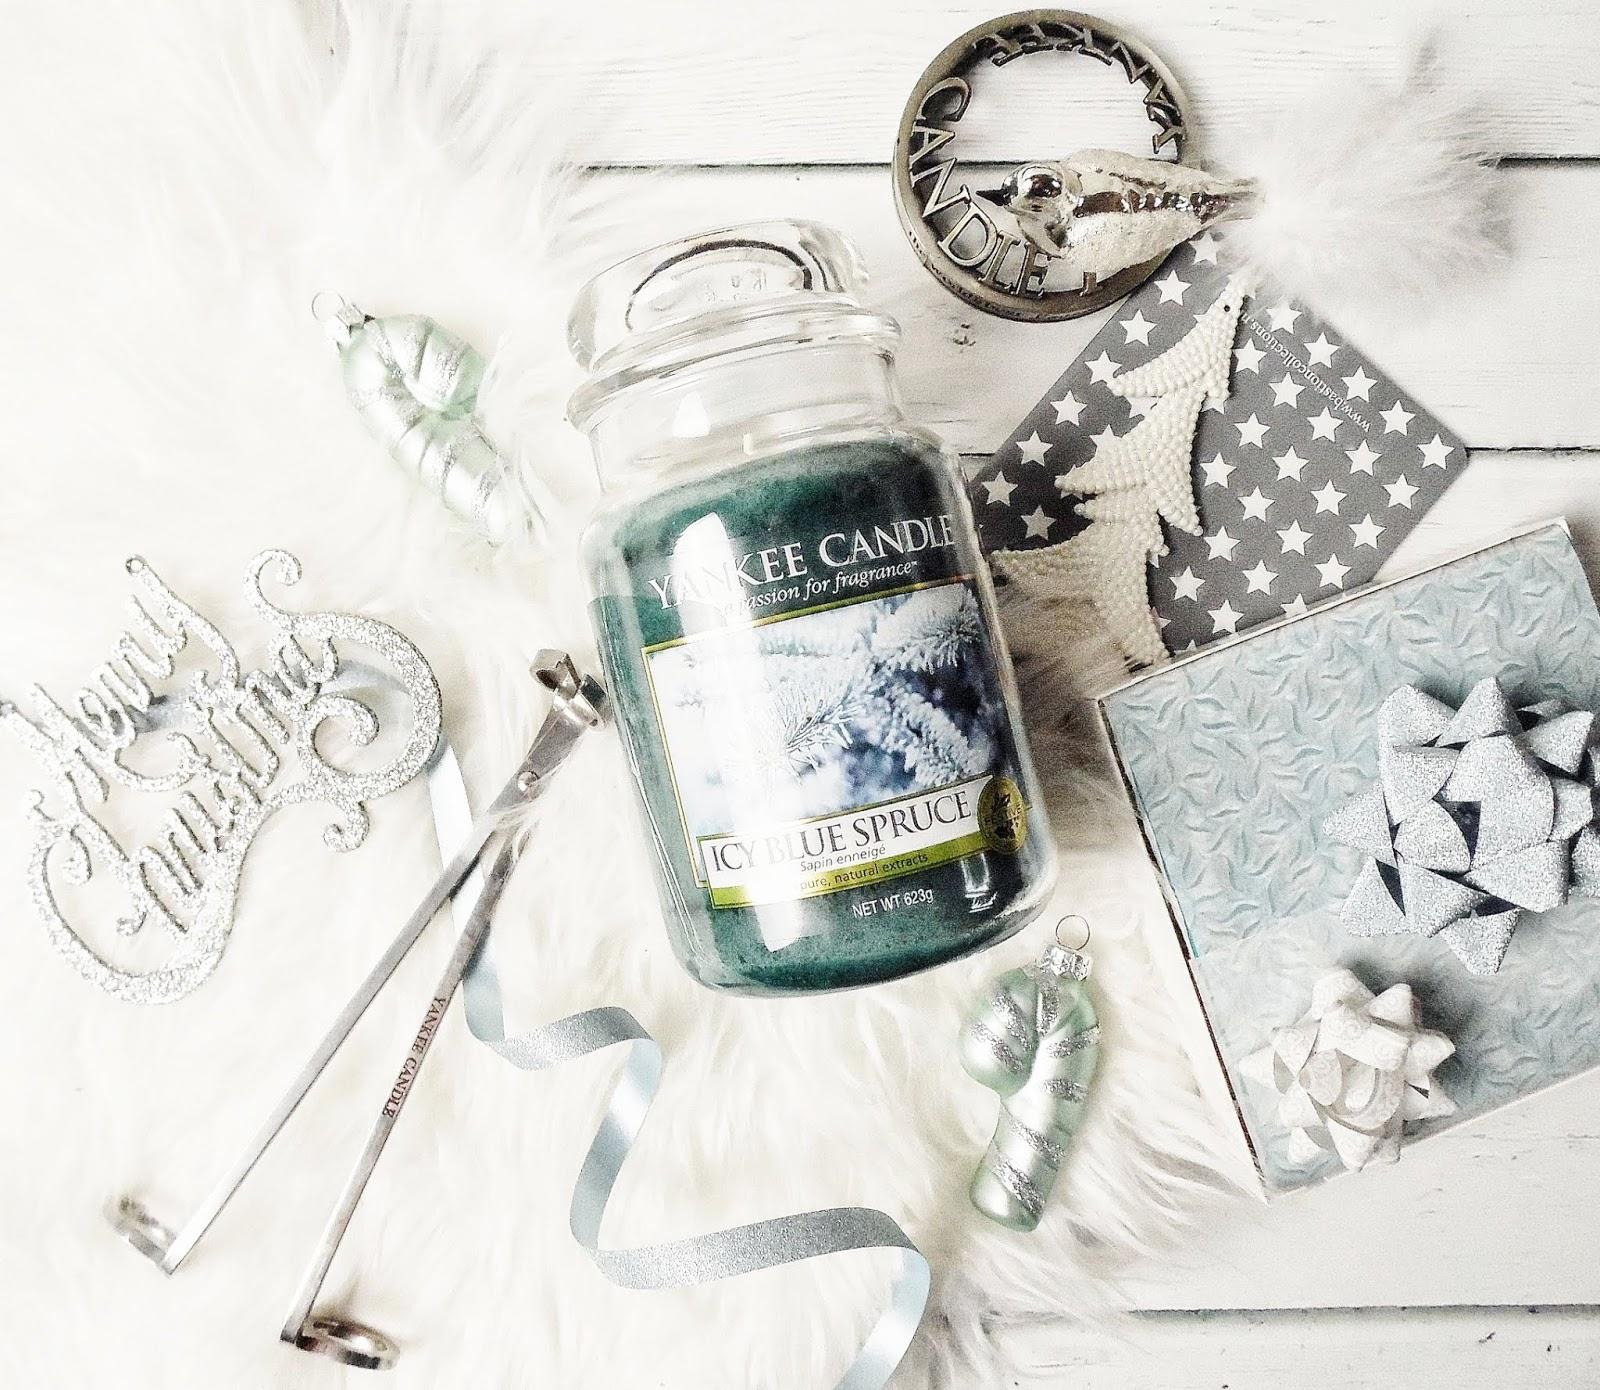 Słodka, zimowa kraina - Icy Blue Spruce Yankee Candle